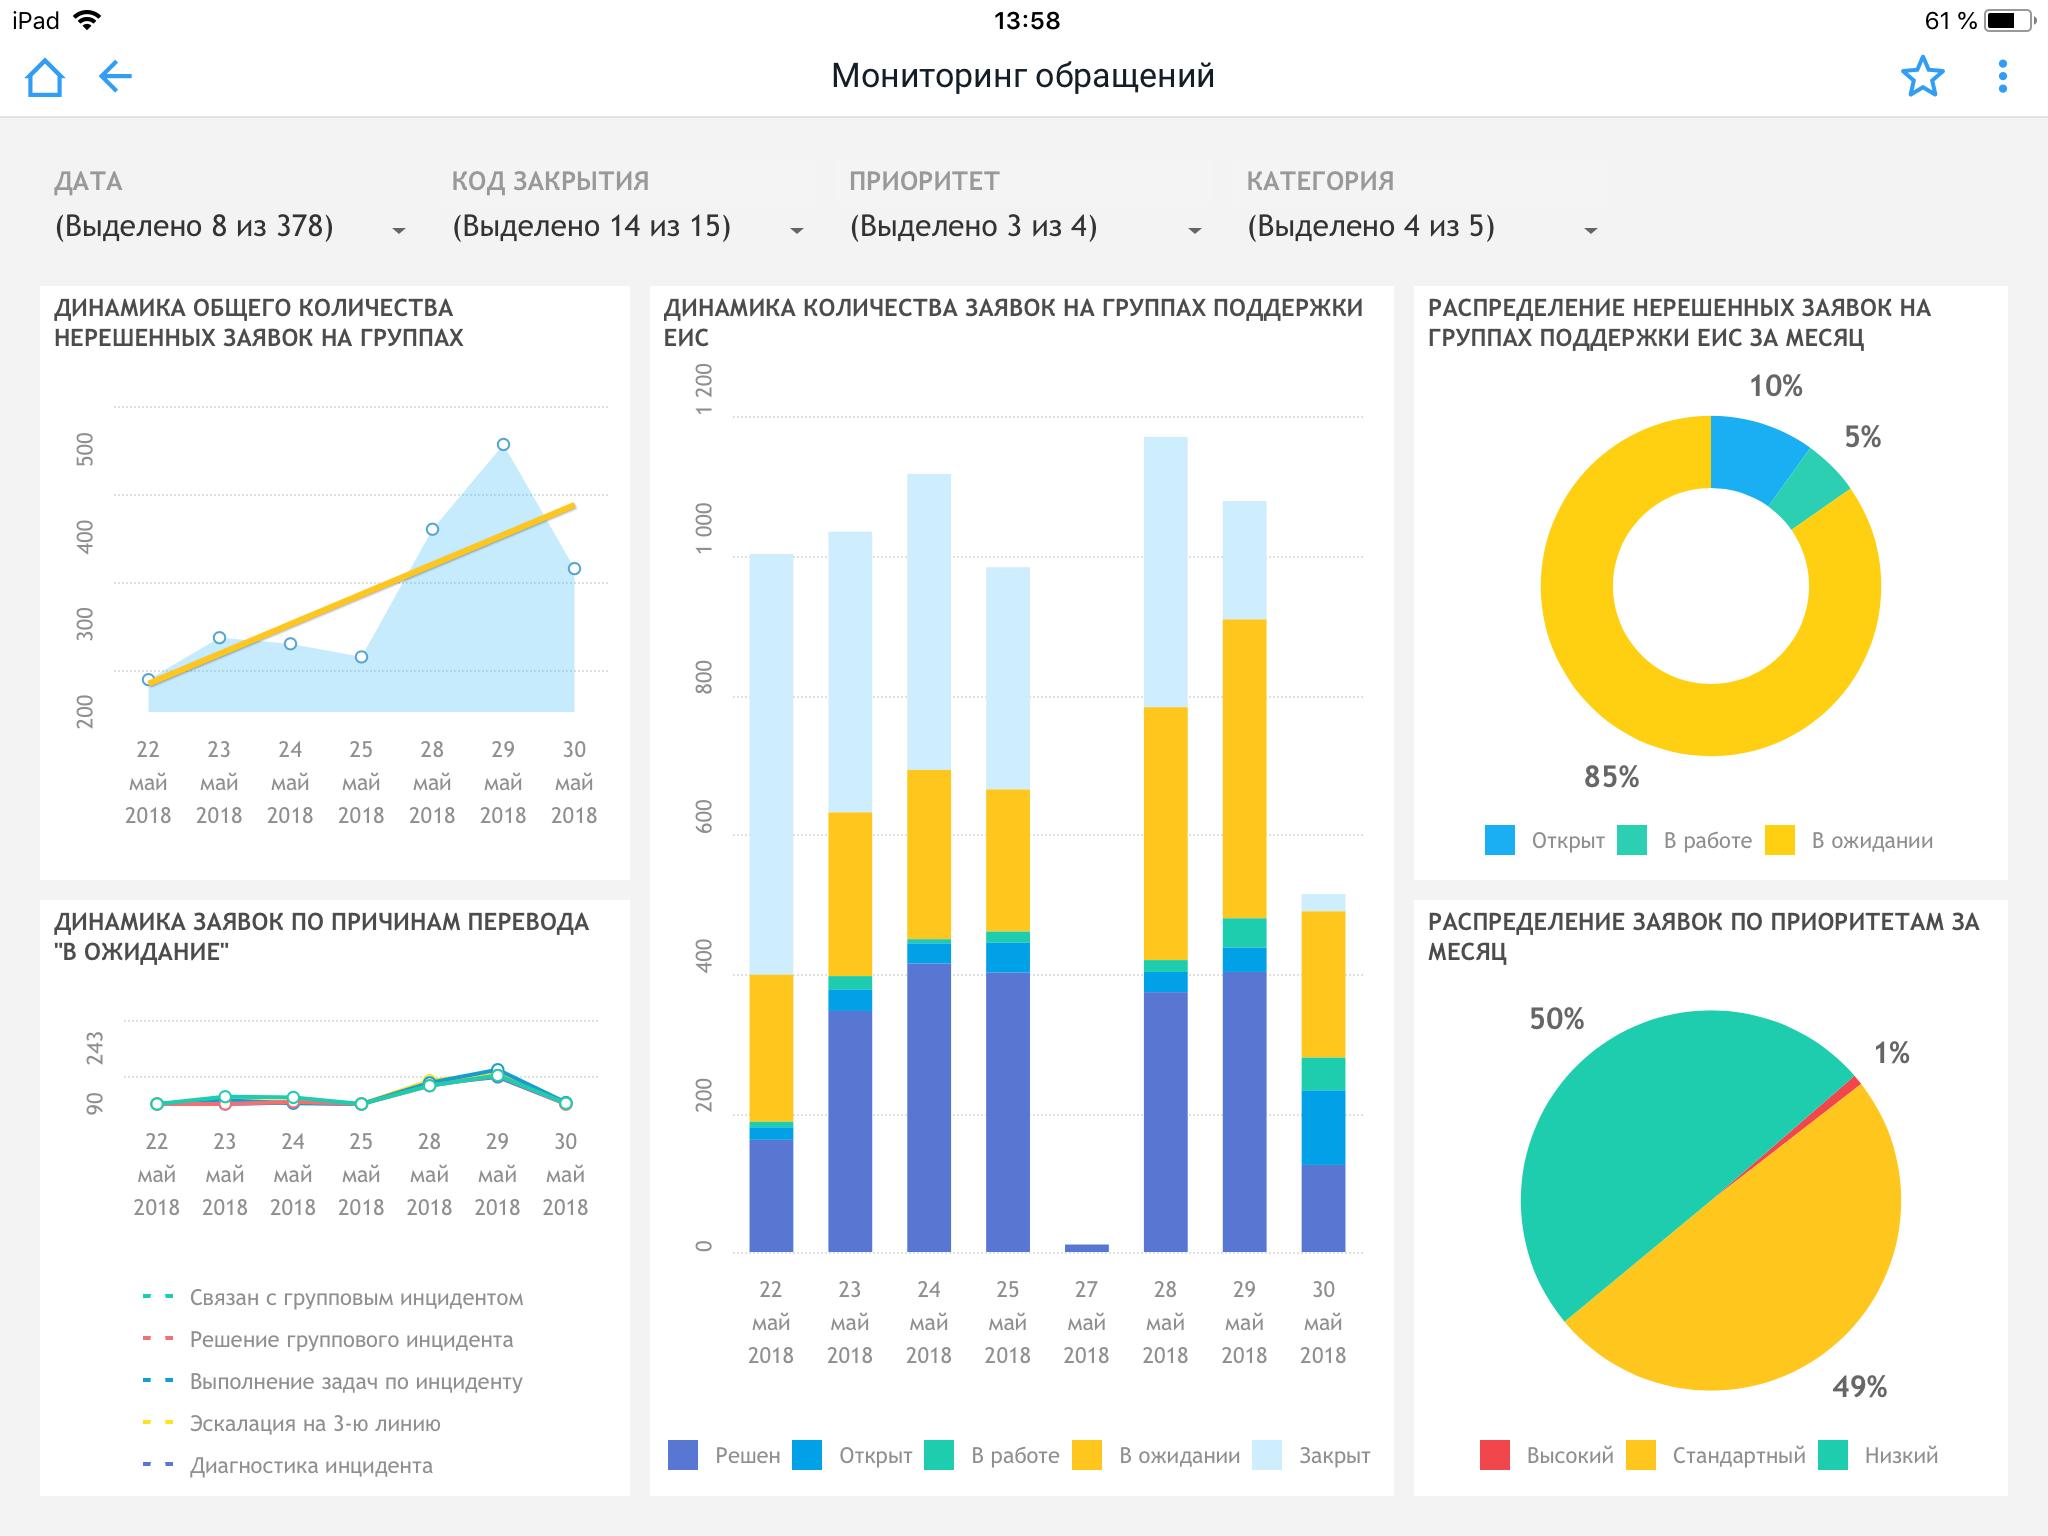 Мониторинг обращений клиентов при помощи платформы бизнес-аналитики Форсайт. Аналитическая платформа